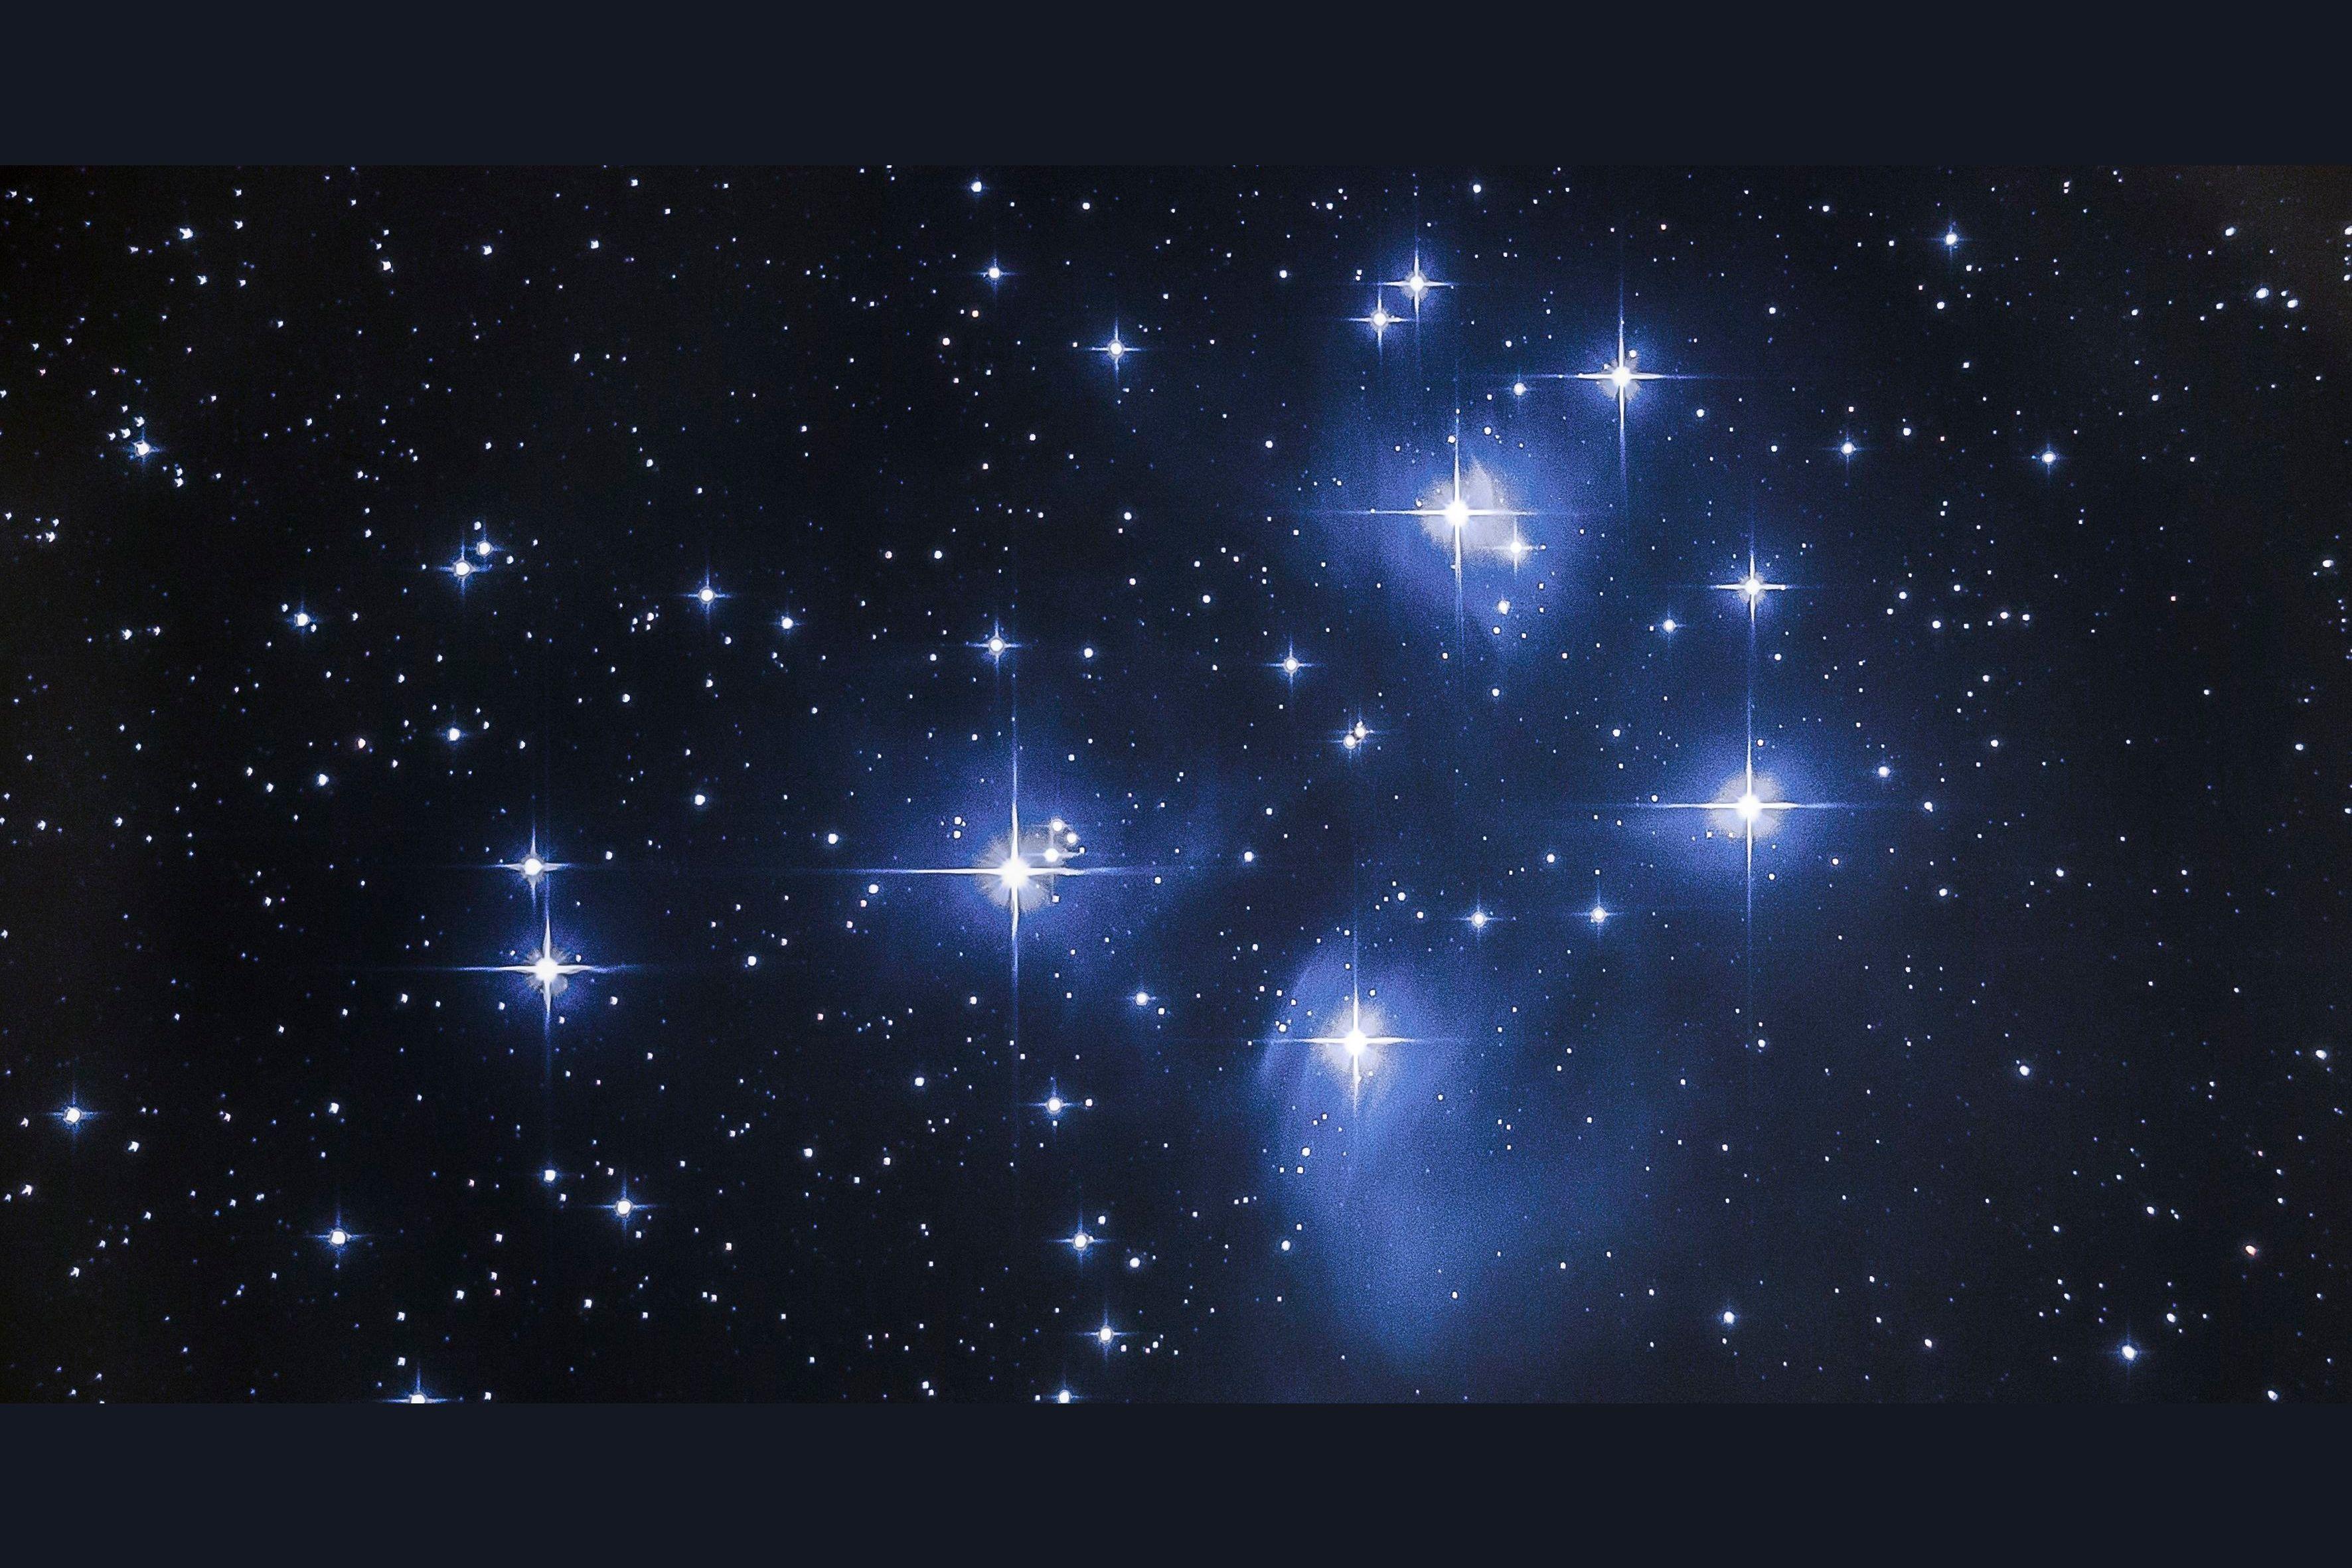 Lyyra Tähtikuvio